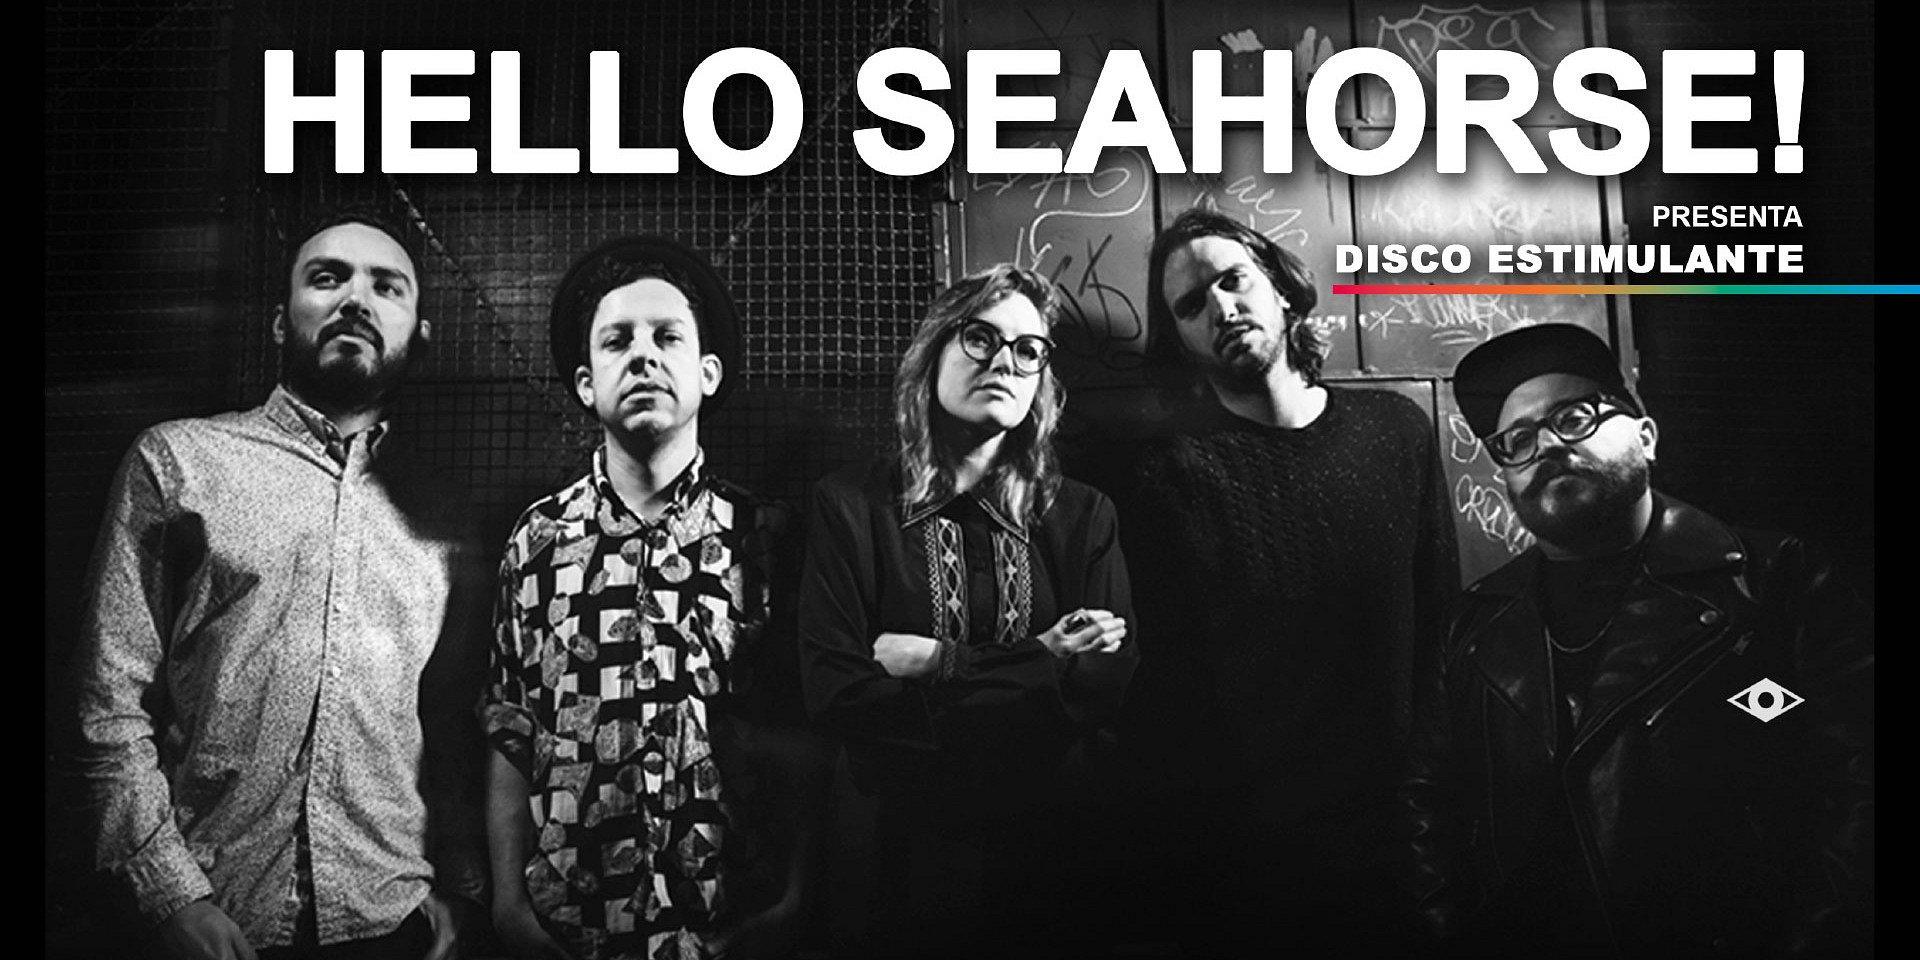 Hello Seahorse